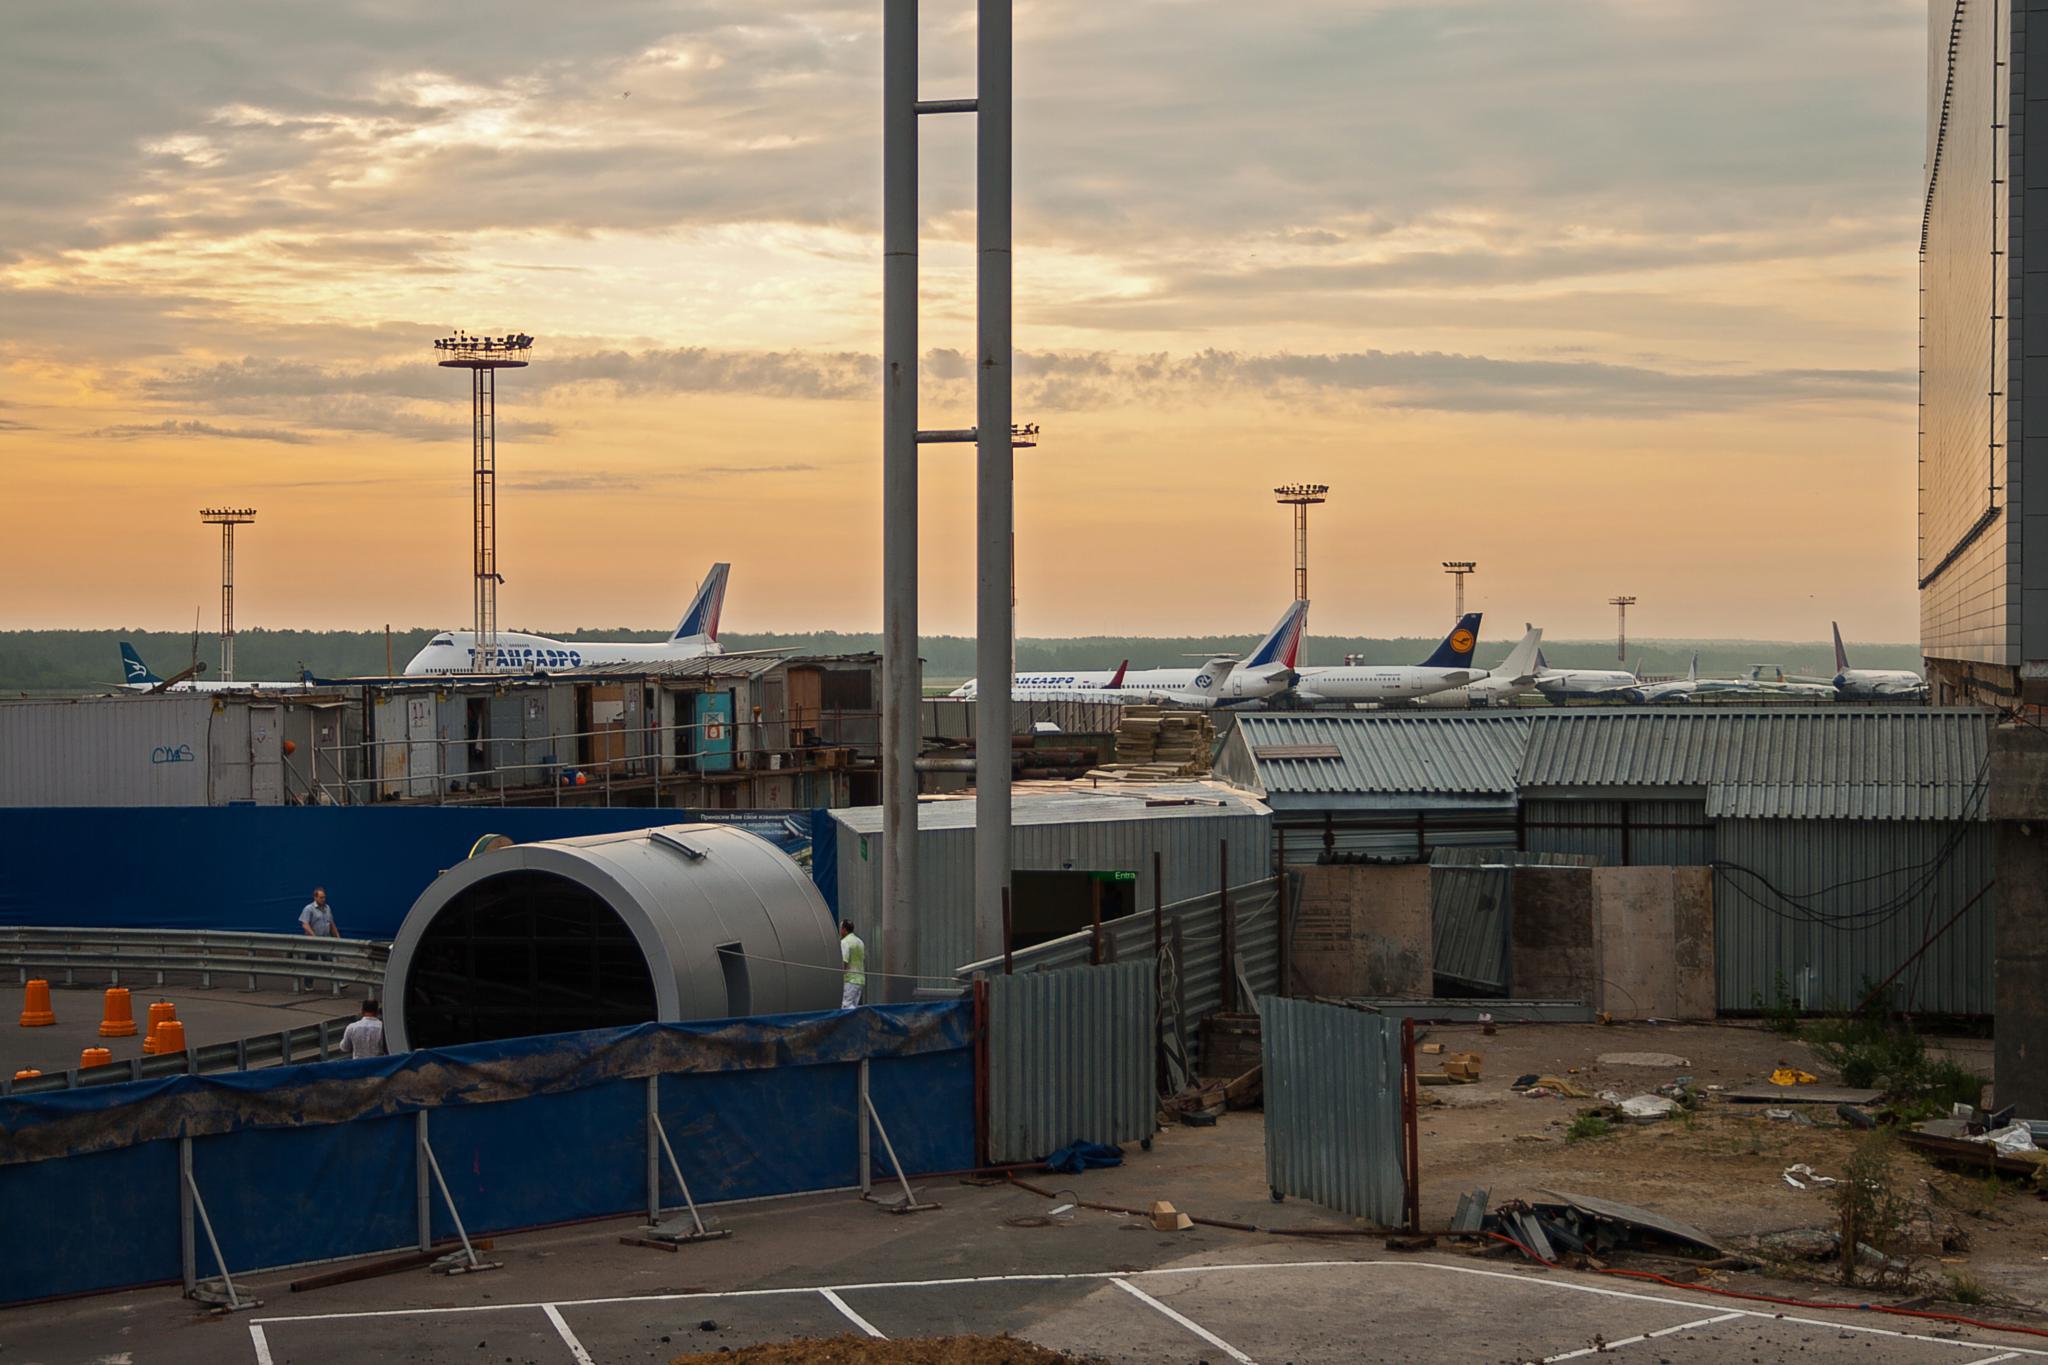 Morning at Domodedovo airport by Dmitriy Kostousov